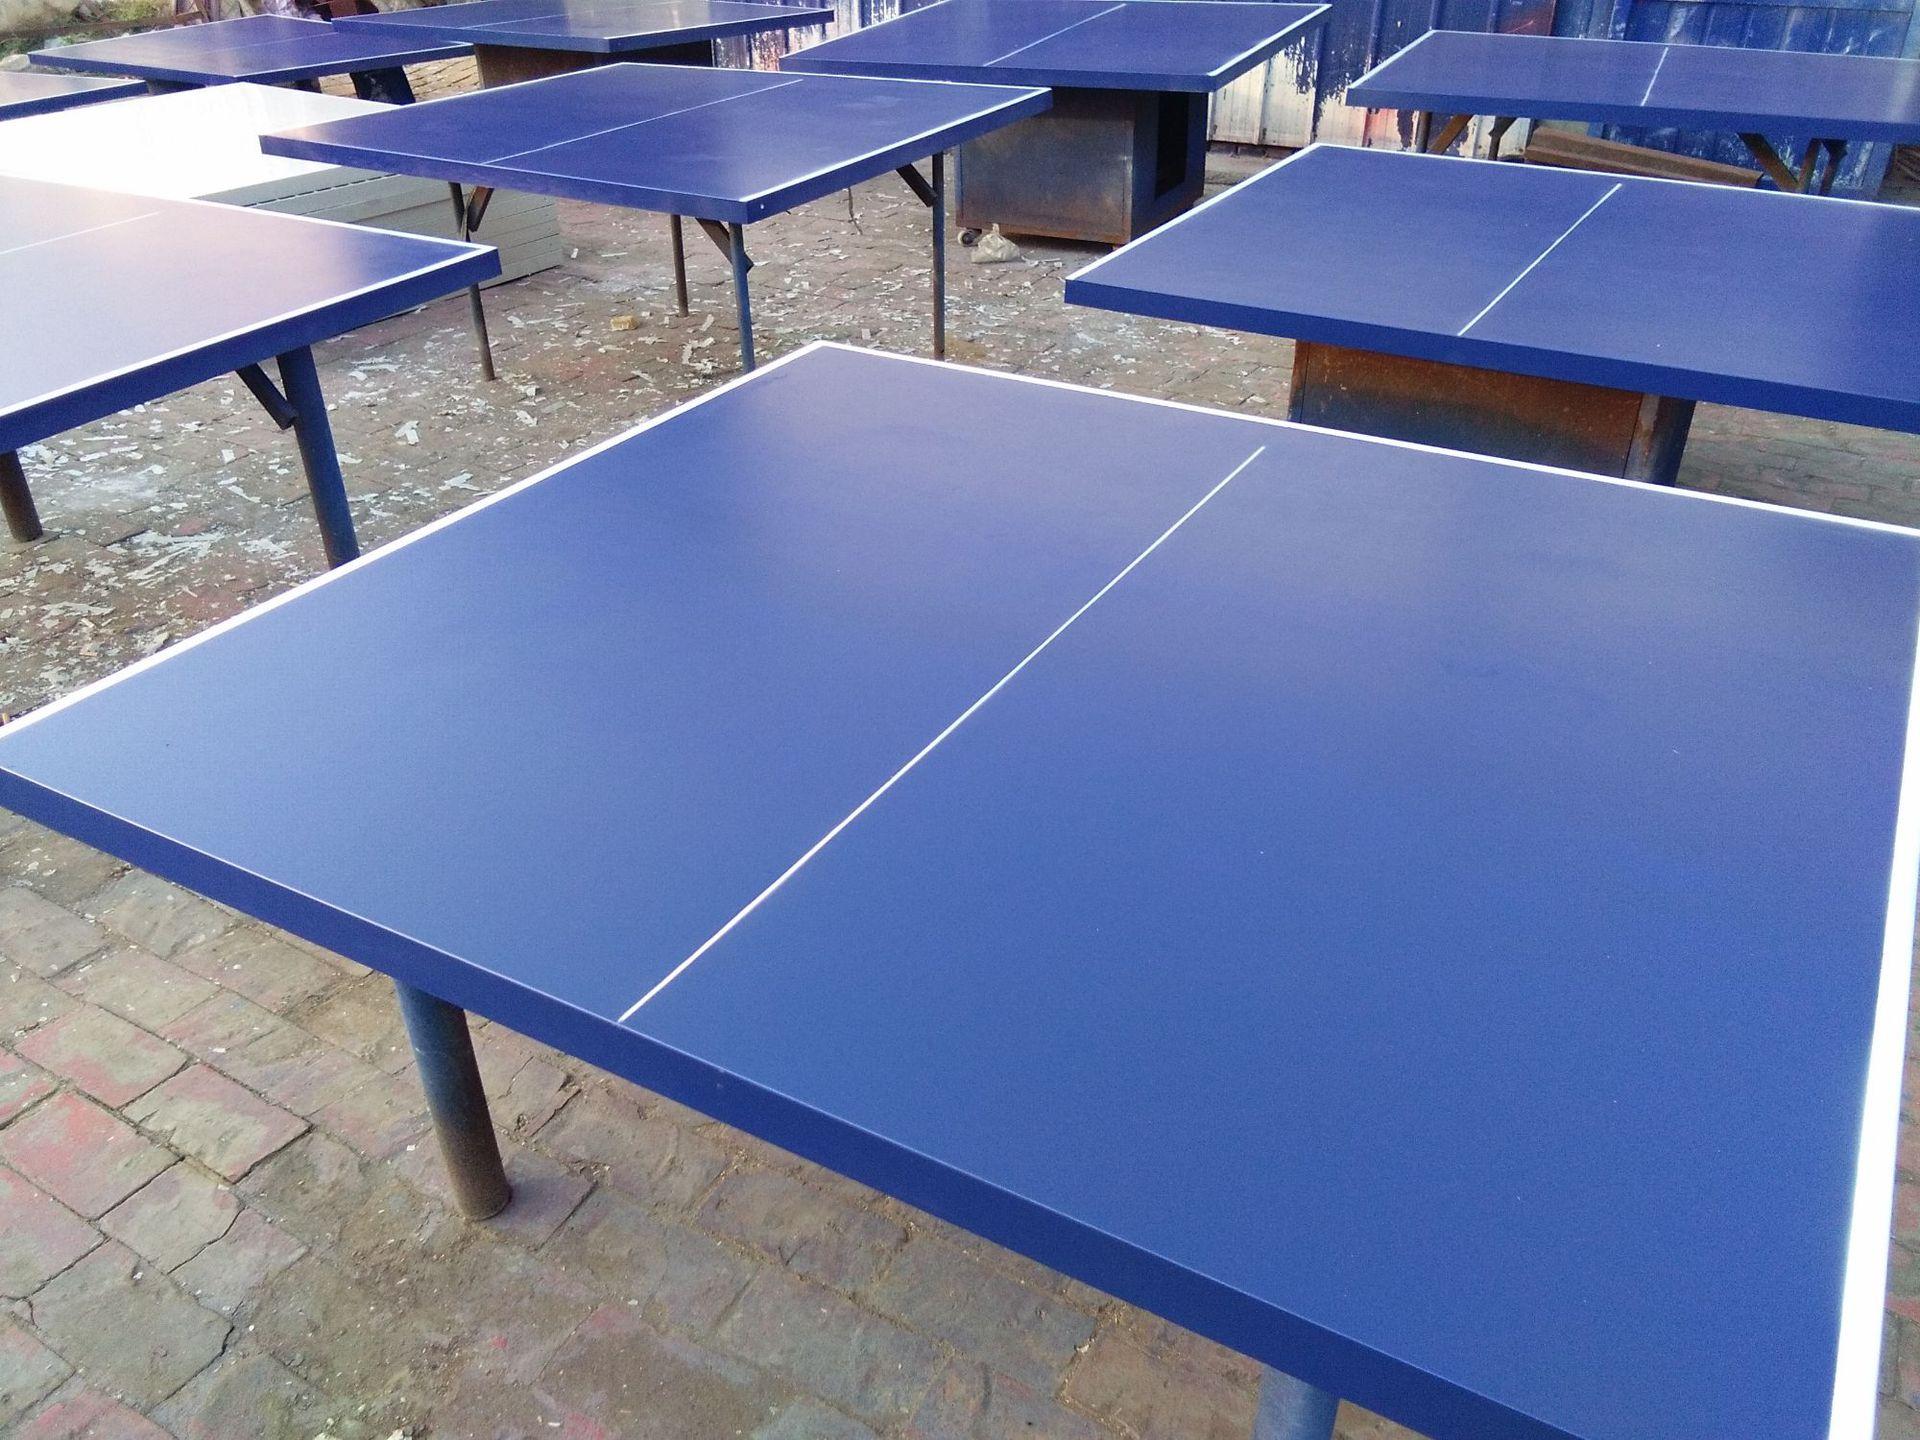 特价供应室内可移动乒乓球桌 家用标准乒乓球台 物美价廉售后无忧示例图27